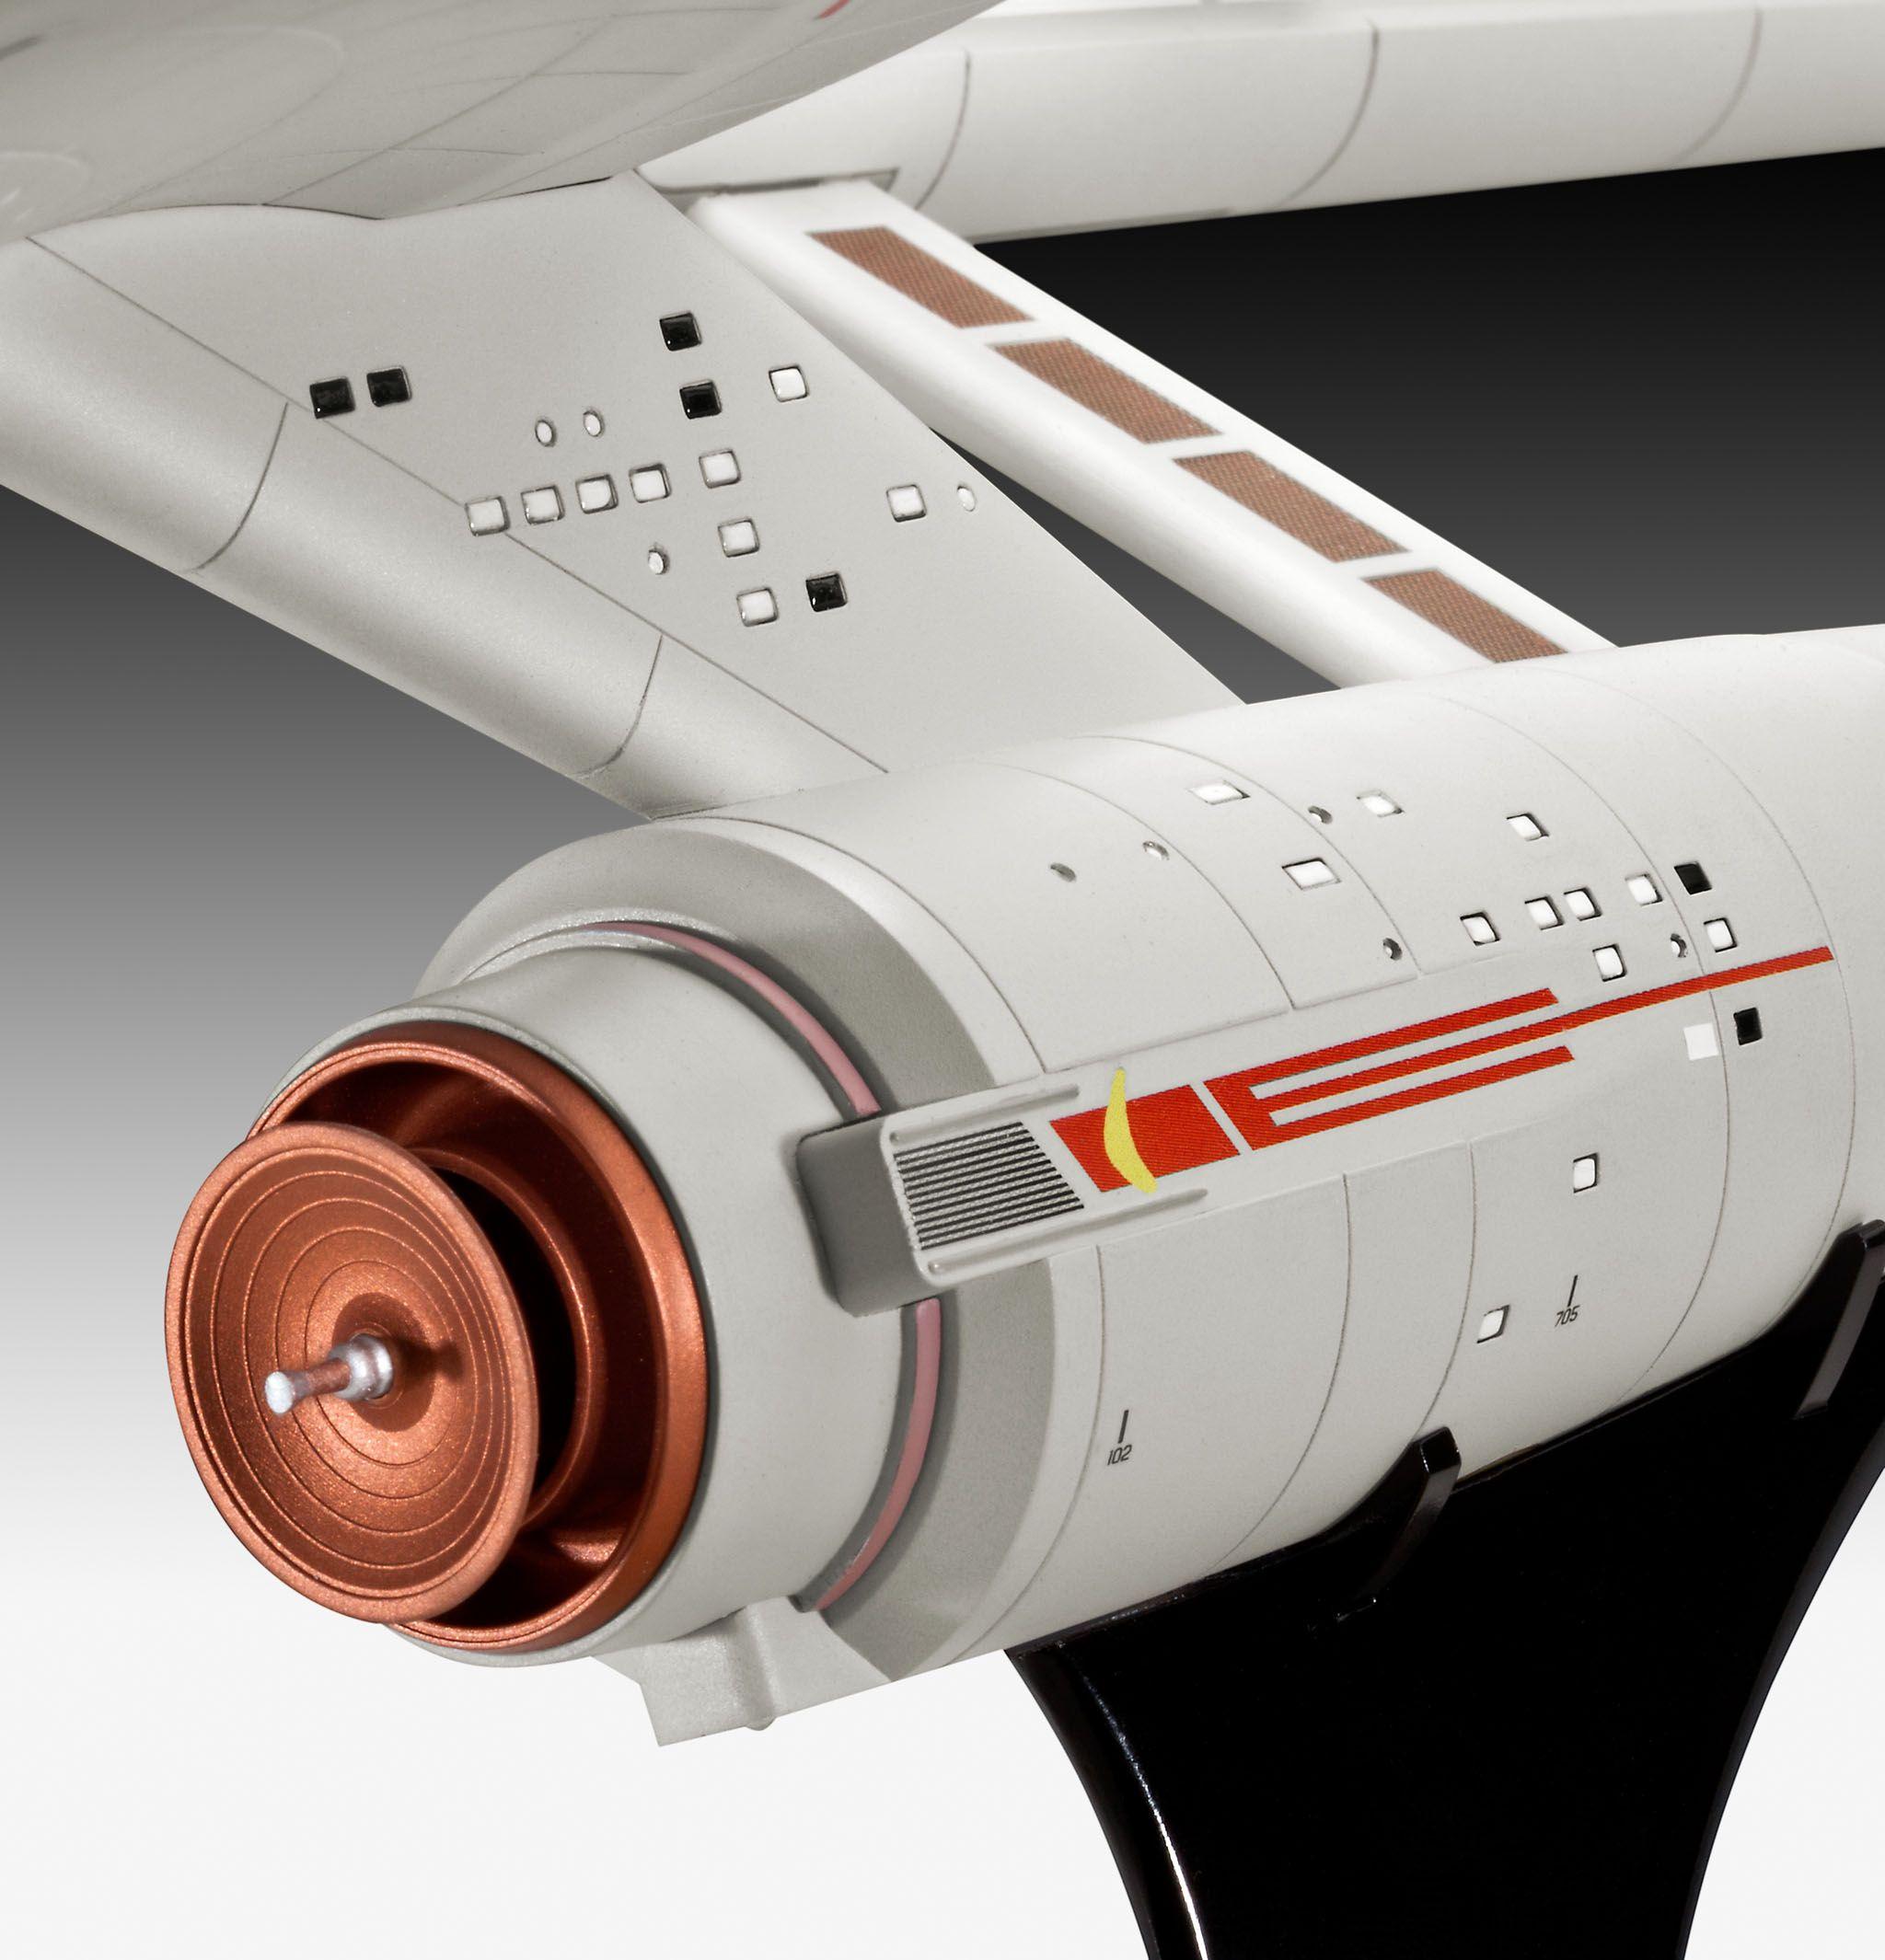 Image result for original uss enterprise model